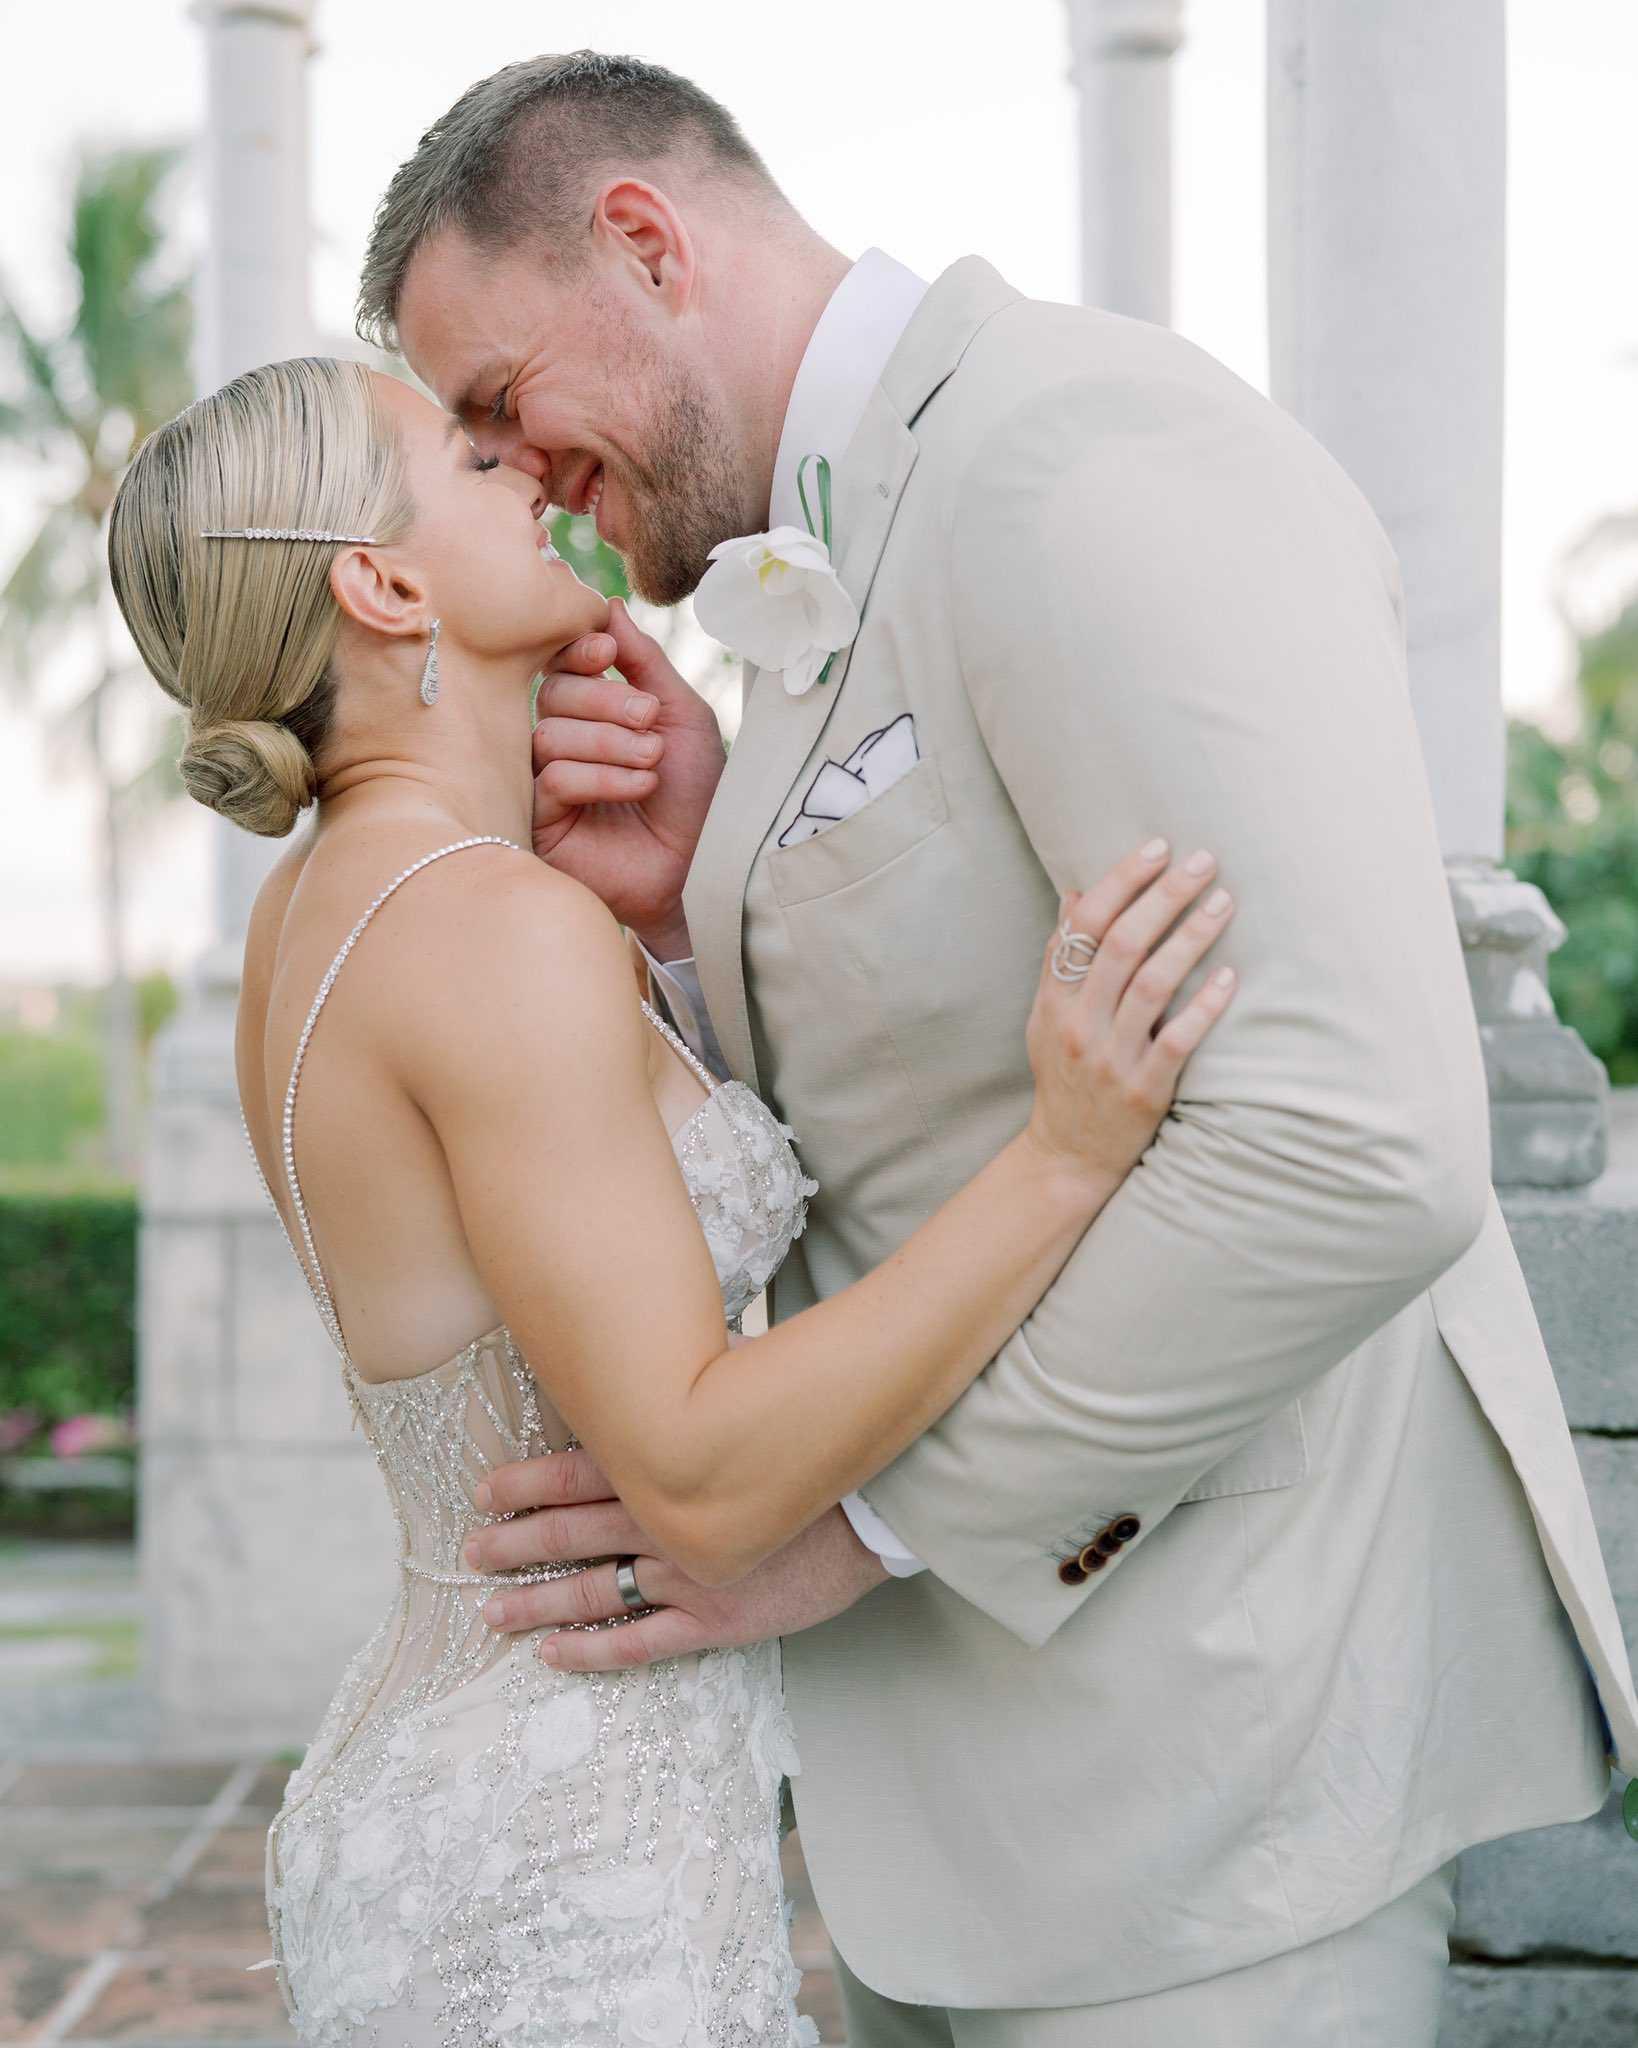 Kealia Ohai and J.J. Watt were married